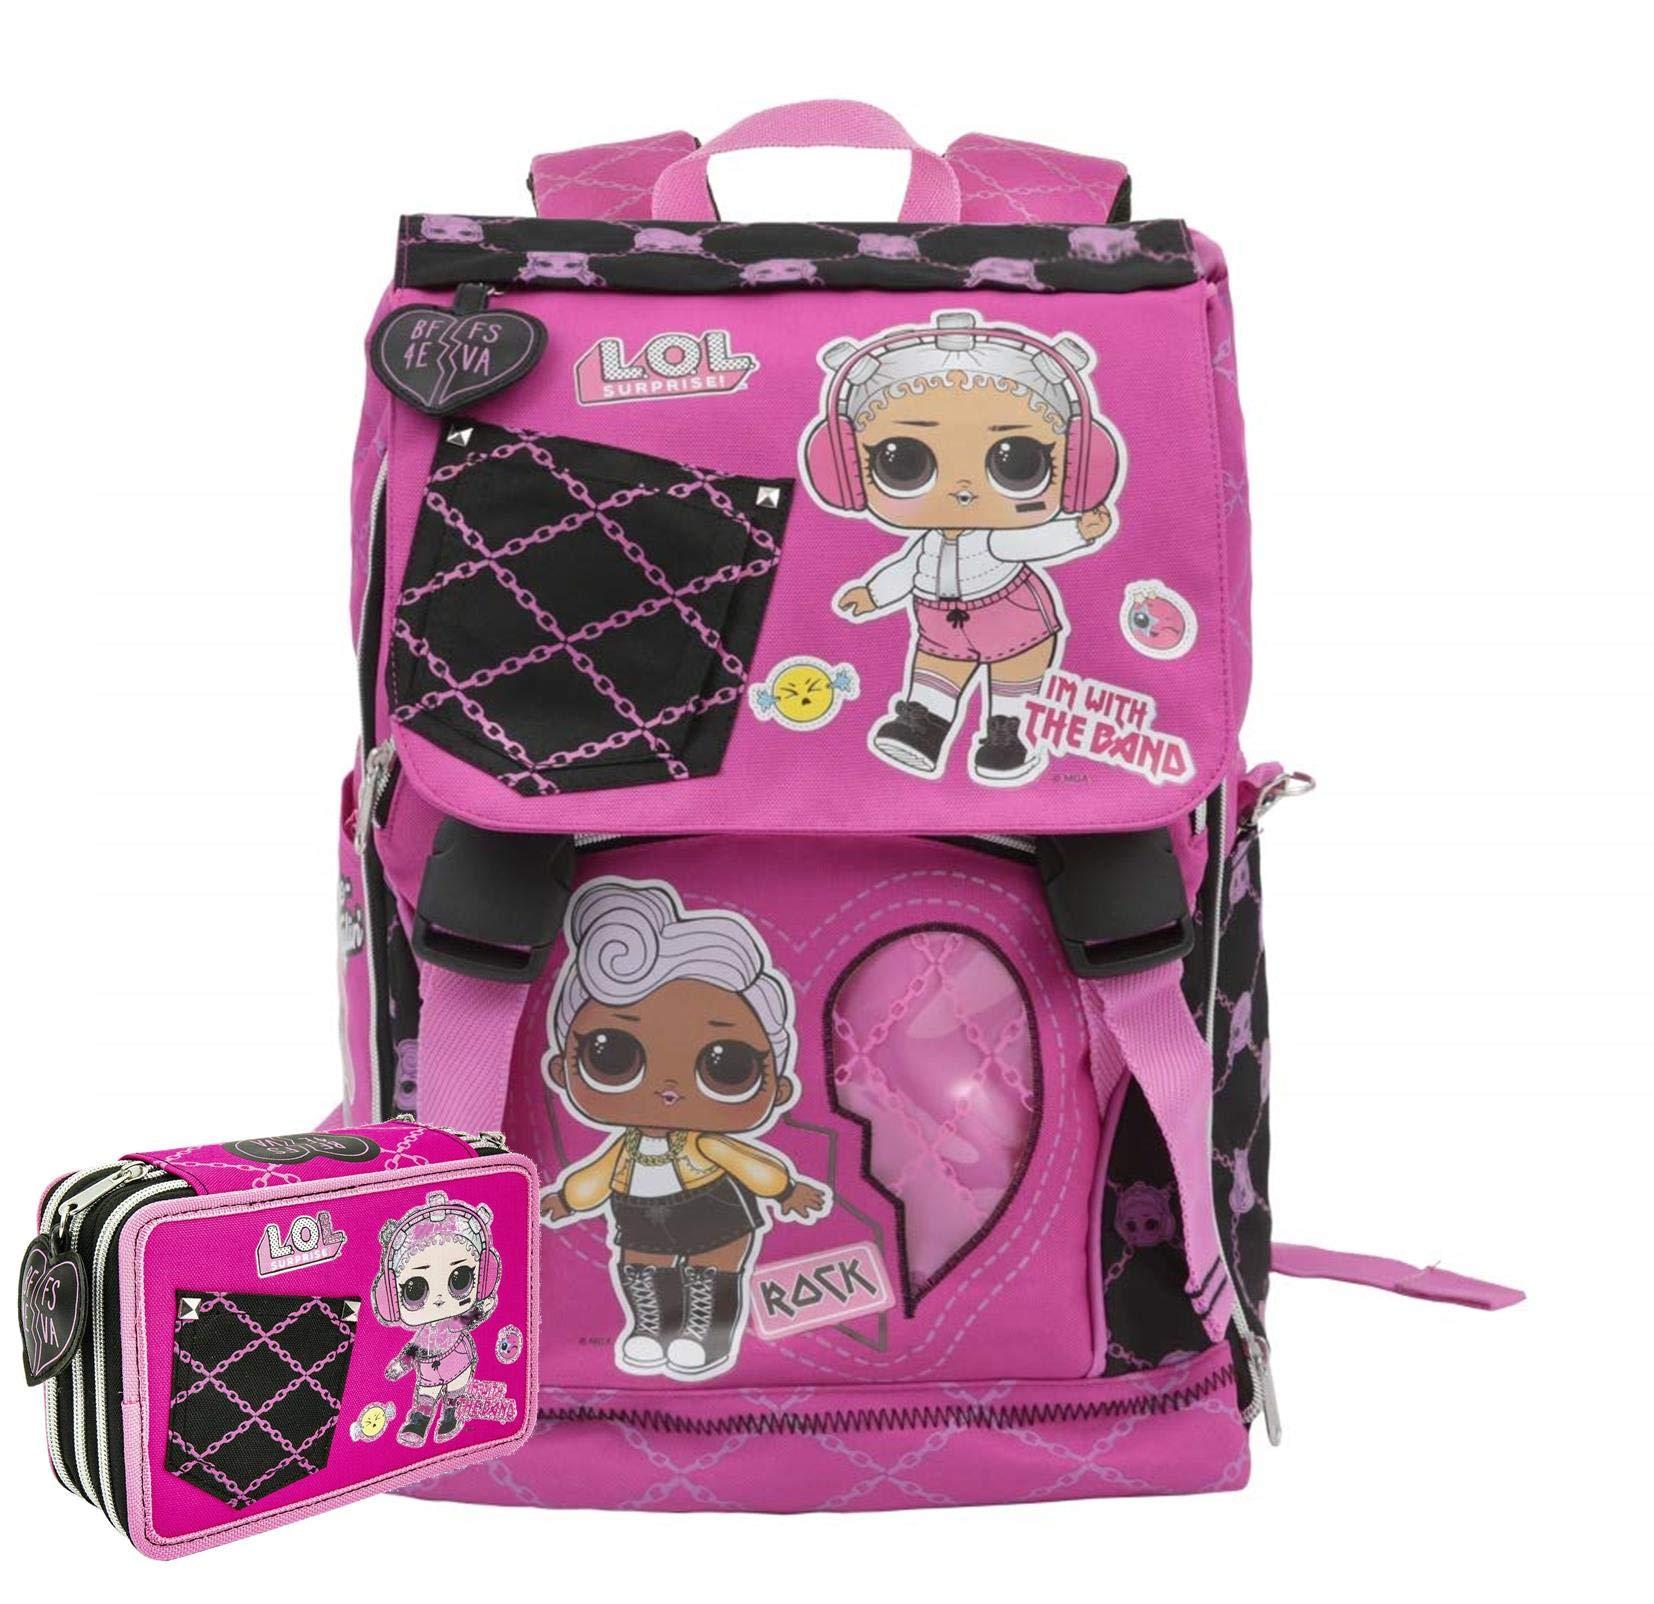 Schoolpack Zaino Scuola LOL Surprise Estensibile 40x13x29 cm + Astuccio 3 Zip Completo